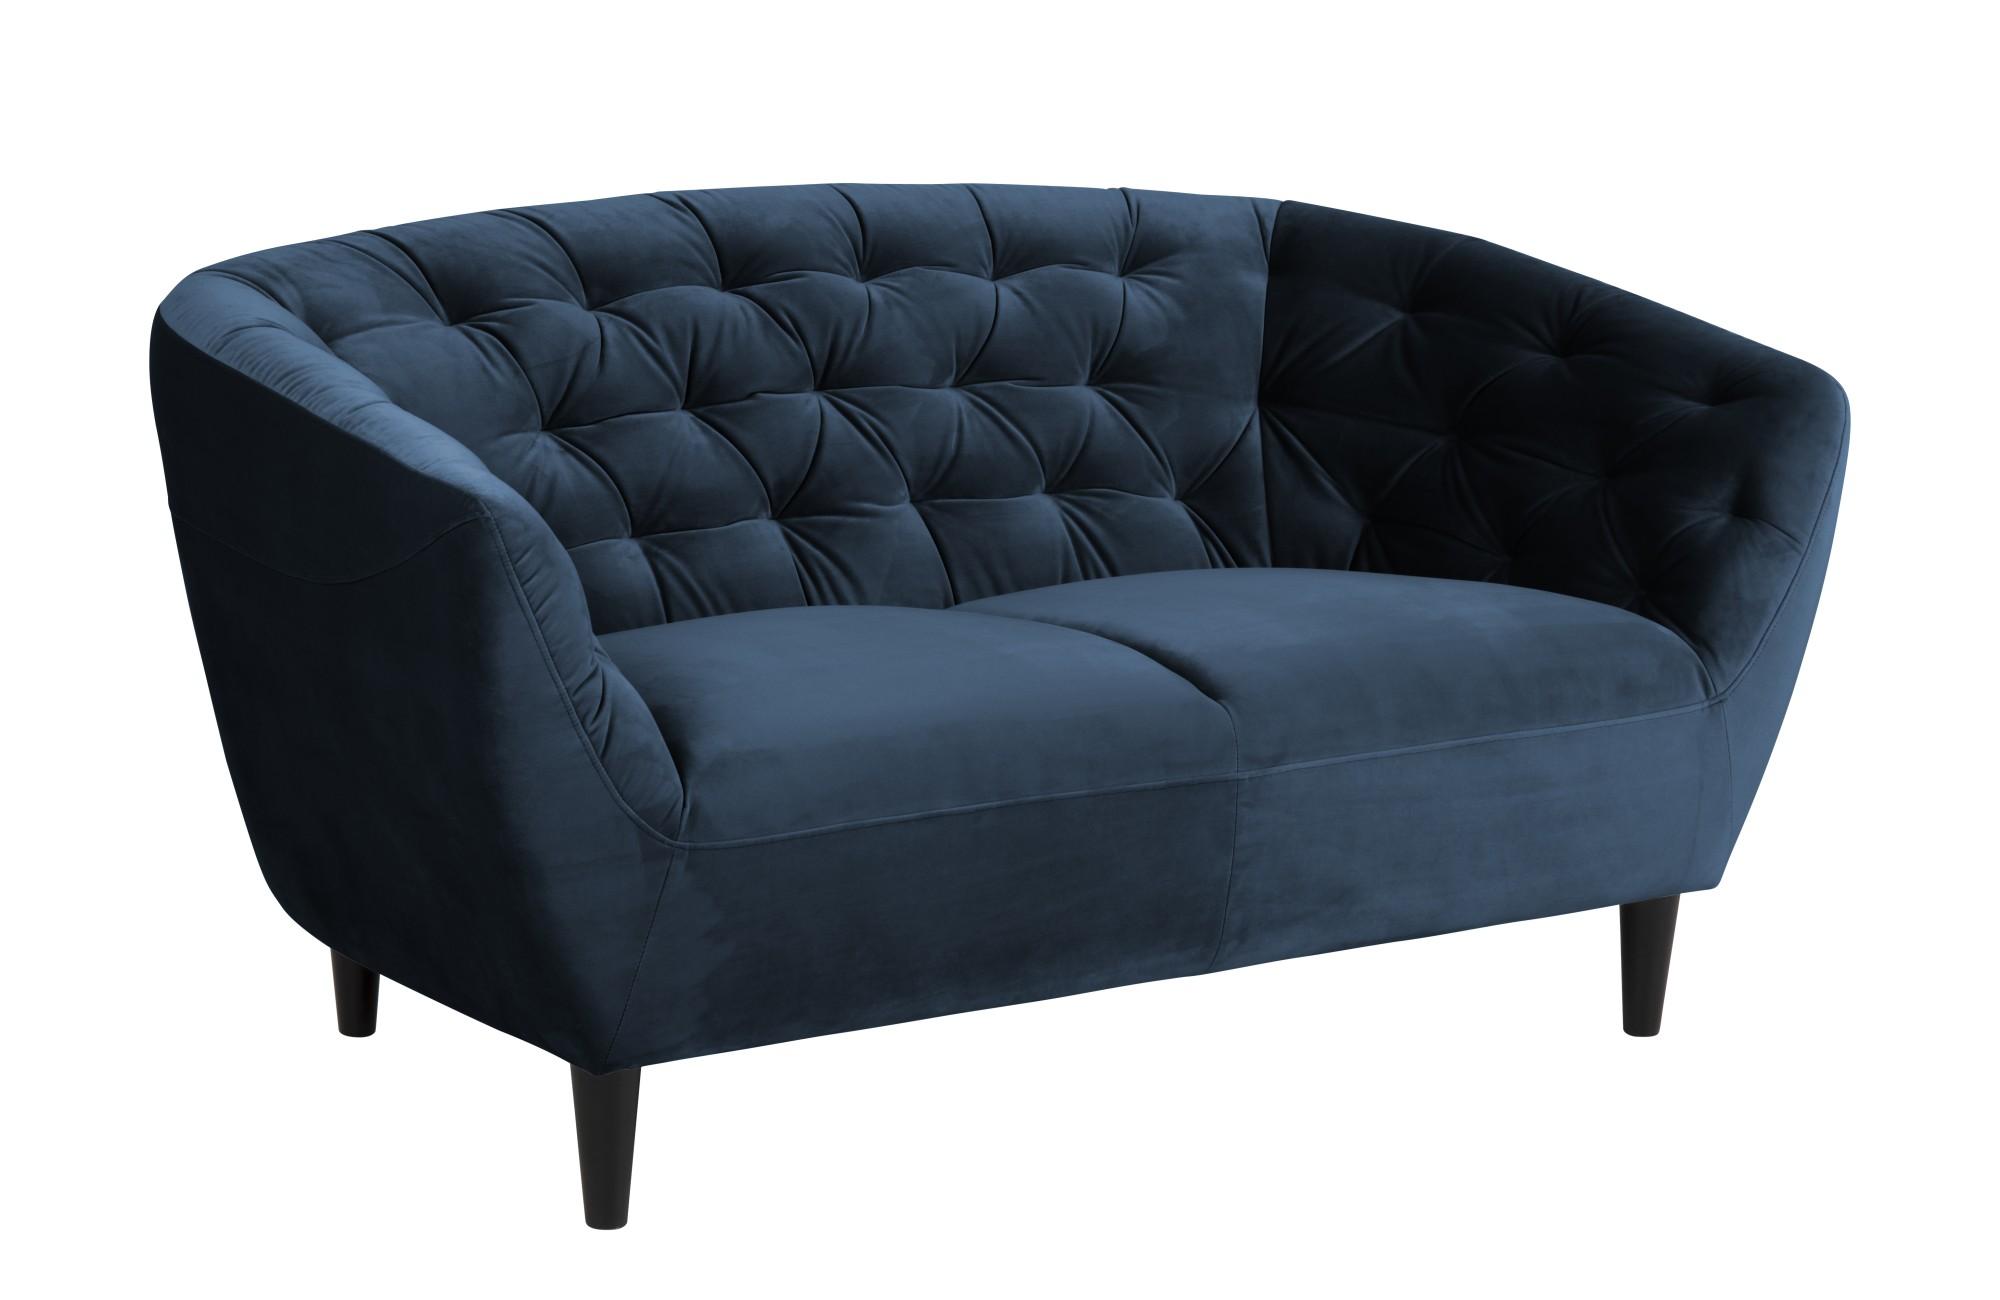 Full Size of Sofa Blau Rita 2 Personen Gummibaum Schwarz Couch Wohnzimmer Cognac Sofort Lieferbar Xxxl Mit Bettfunktion Esszimmer Brühl Impressionen 3 Sitzer Relaxfunktion Sofa Sofa Blau